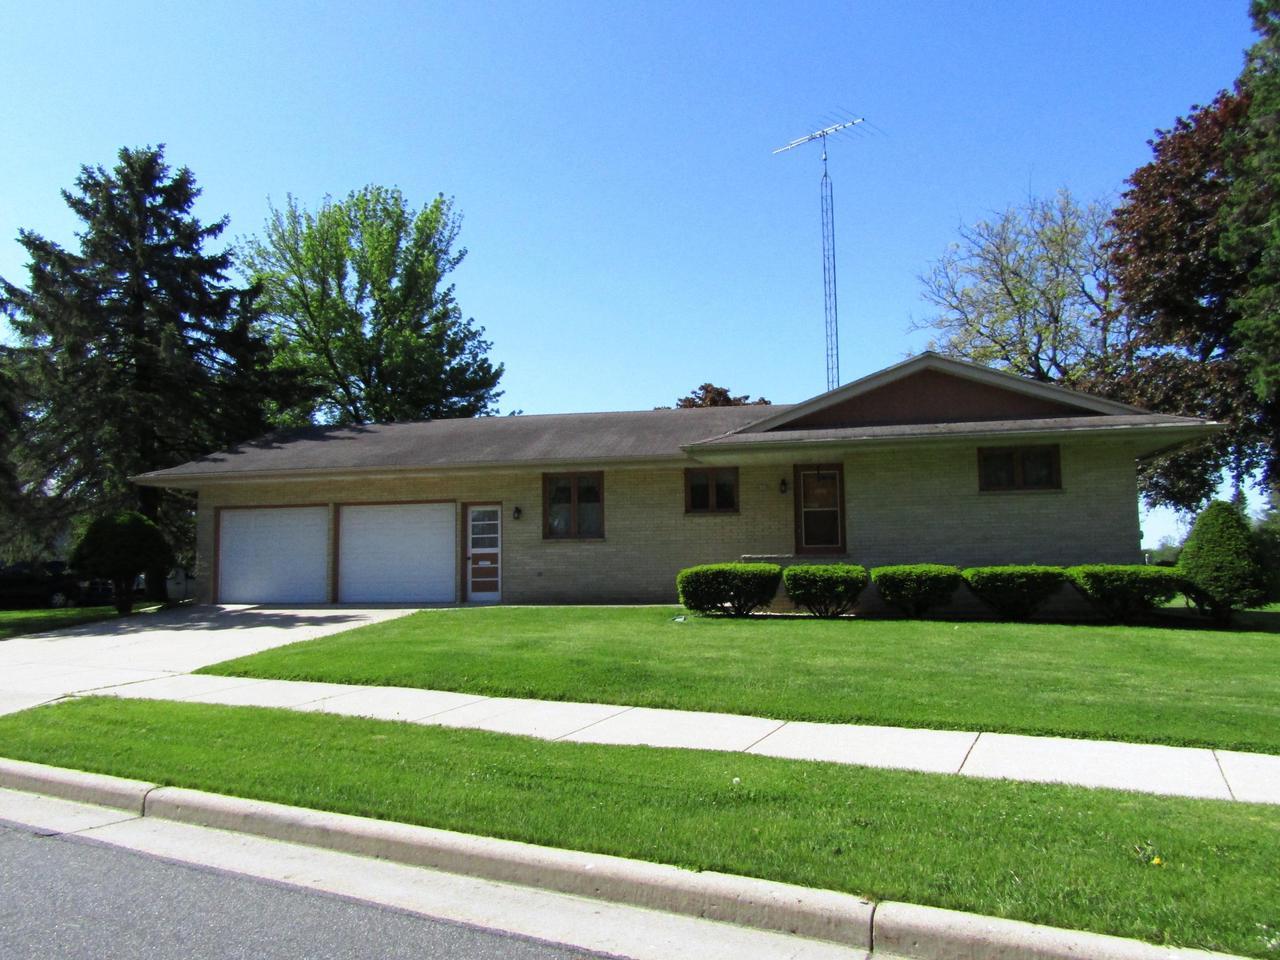 682 E Oak Grove St STREET, JUNEAU, WI 53039